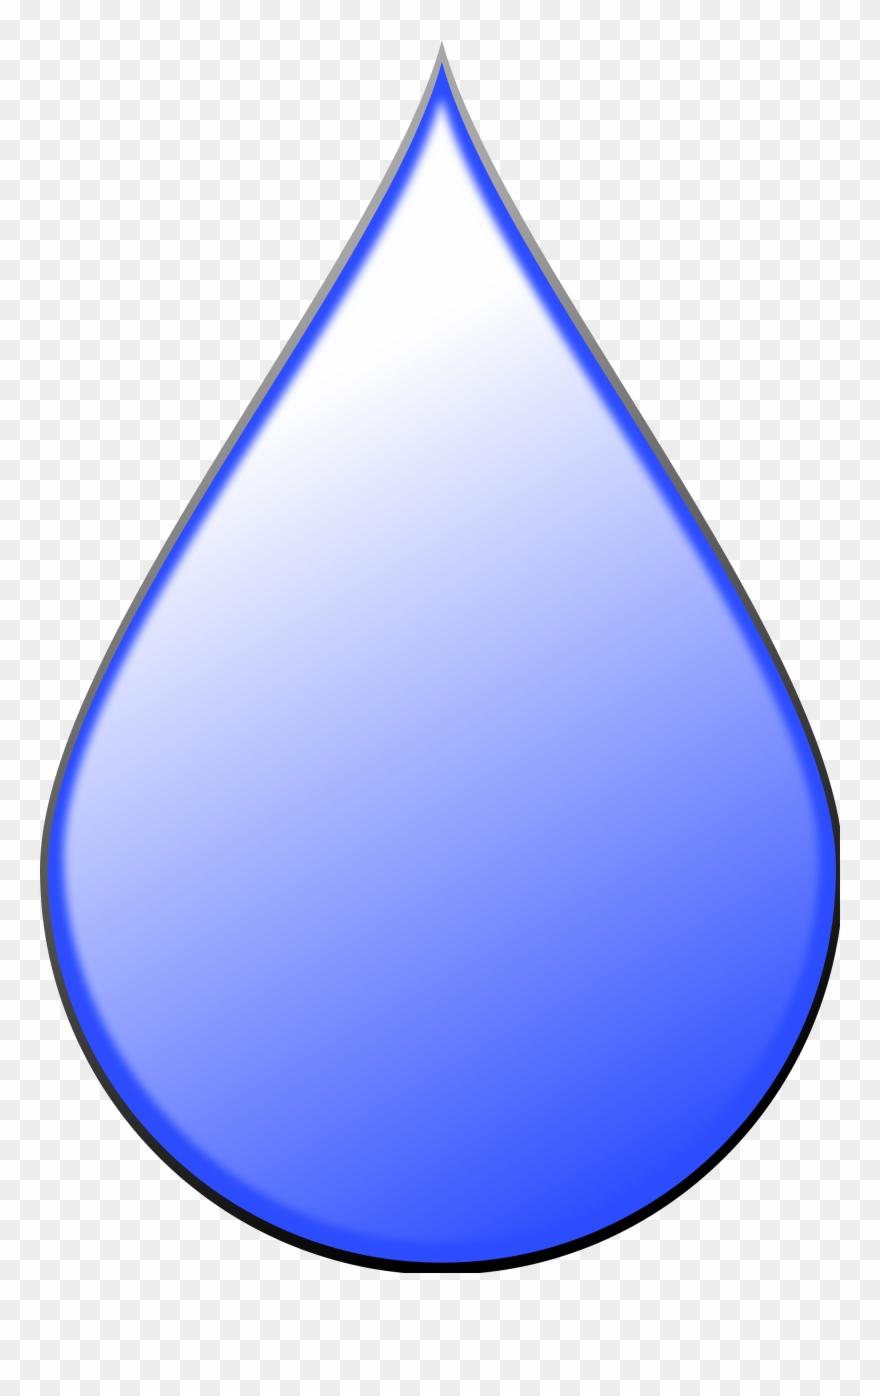 Raindrops pictures clipart vector transparent download Raindrops Clipart Form Water - Rain Drop - Png Download ... vector transparent download